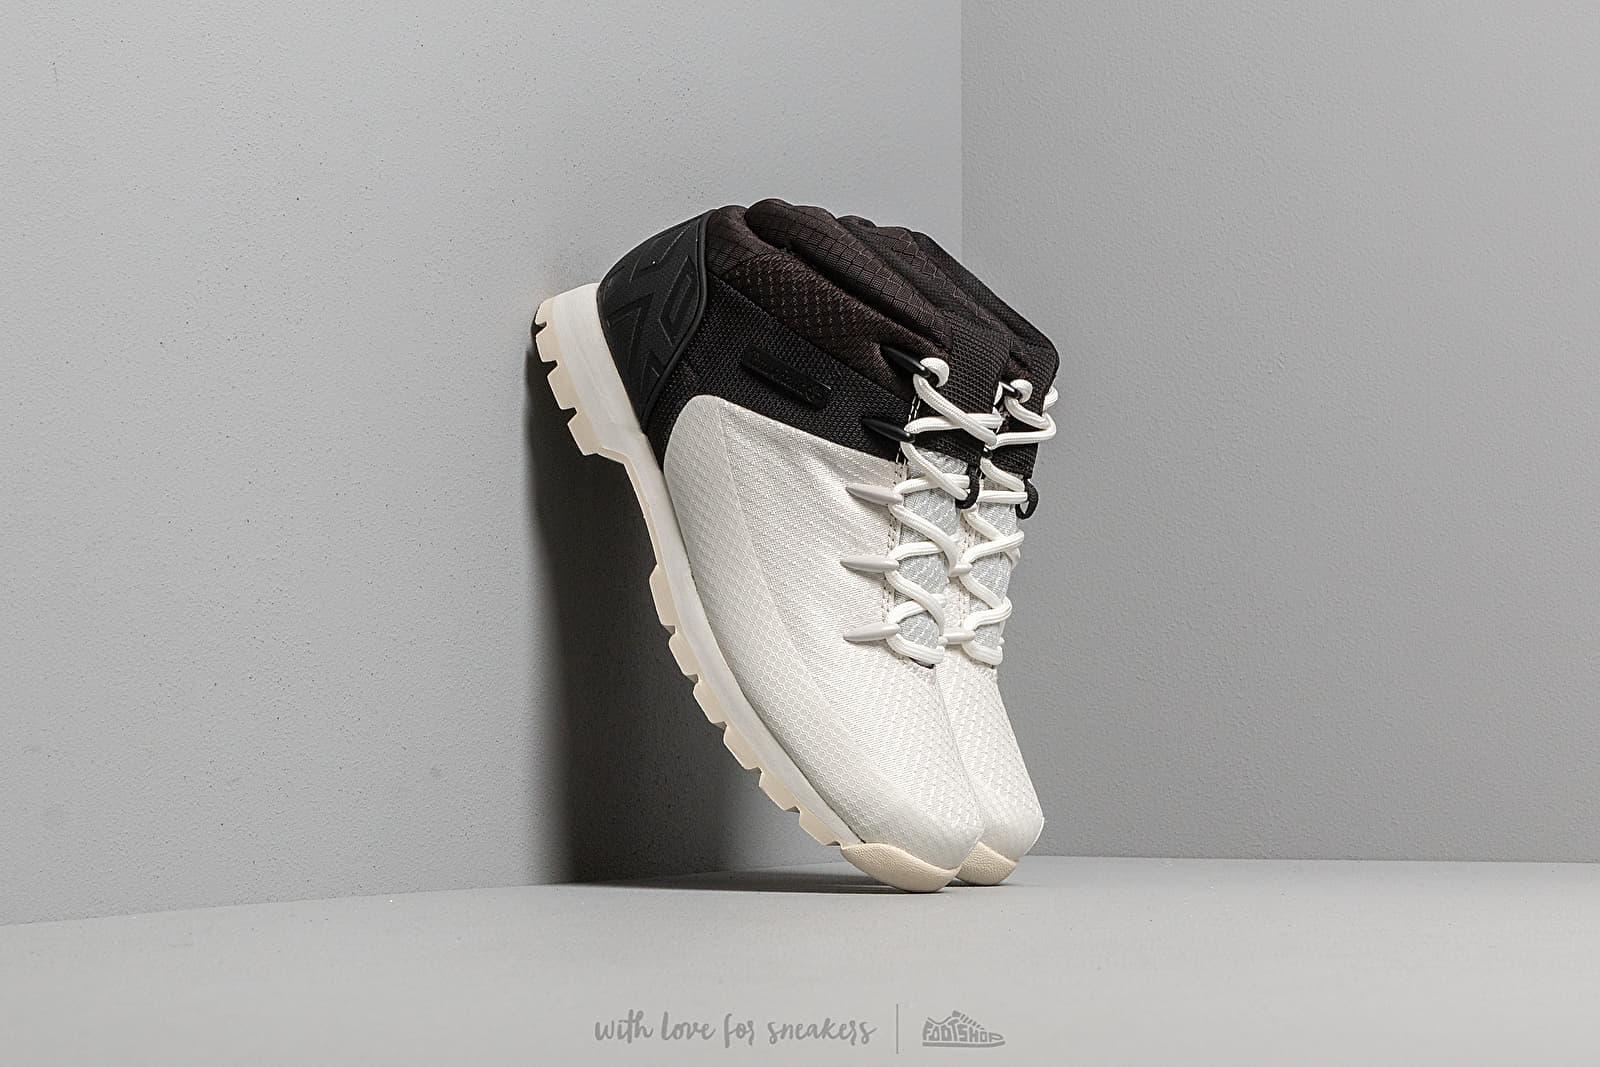 Timberland Euro Sprint Mid Hiker Light Grey/ Black za skvelú cenu 117 € kúpite na Footshop.sk